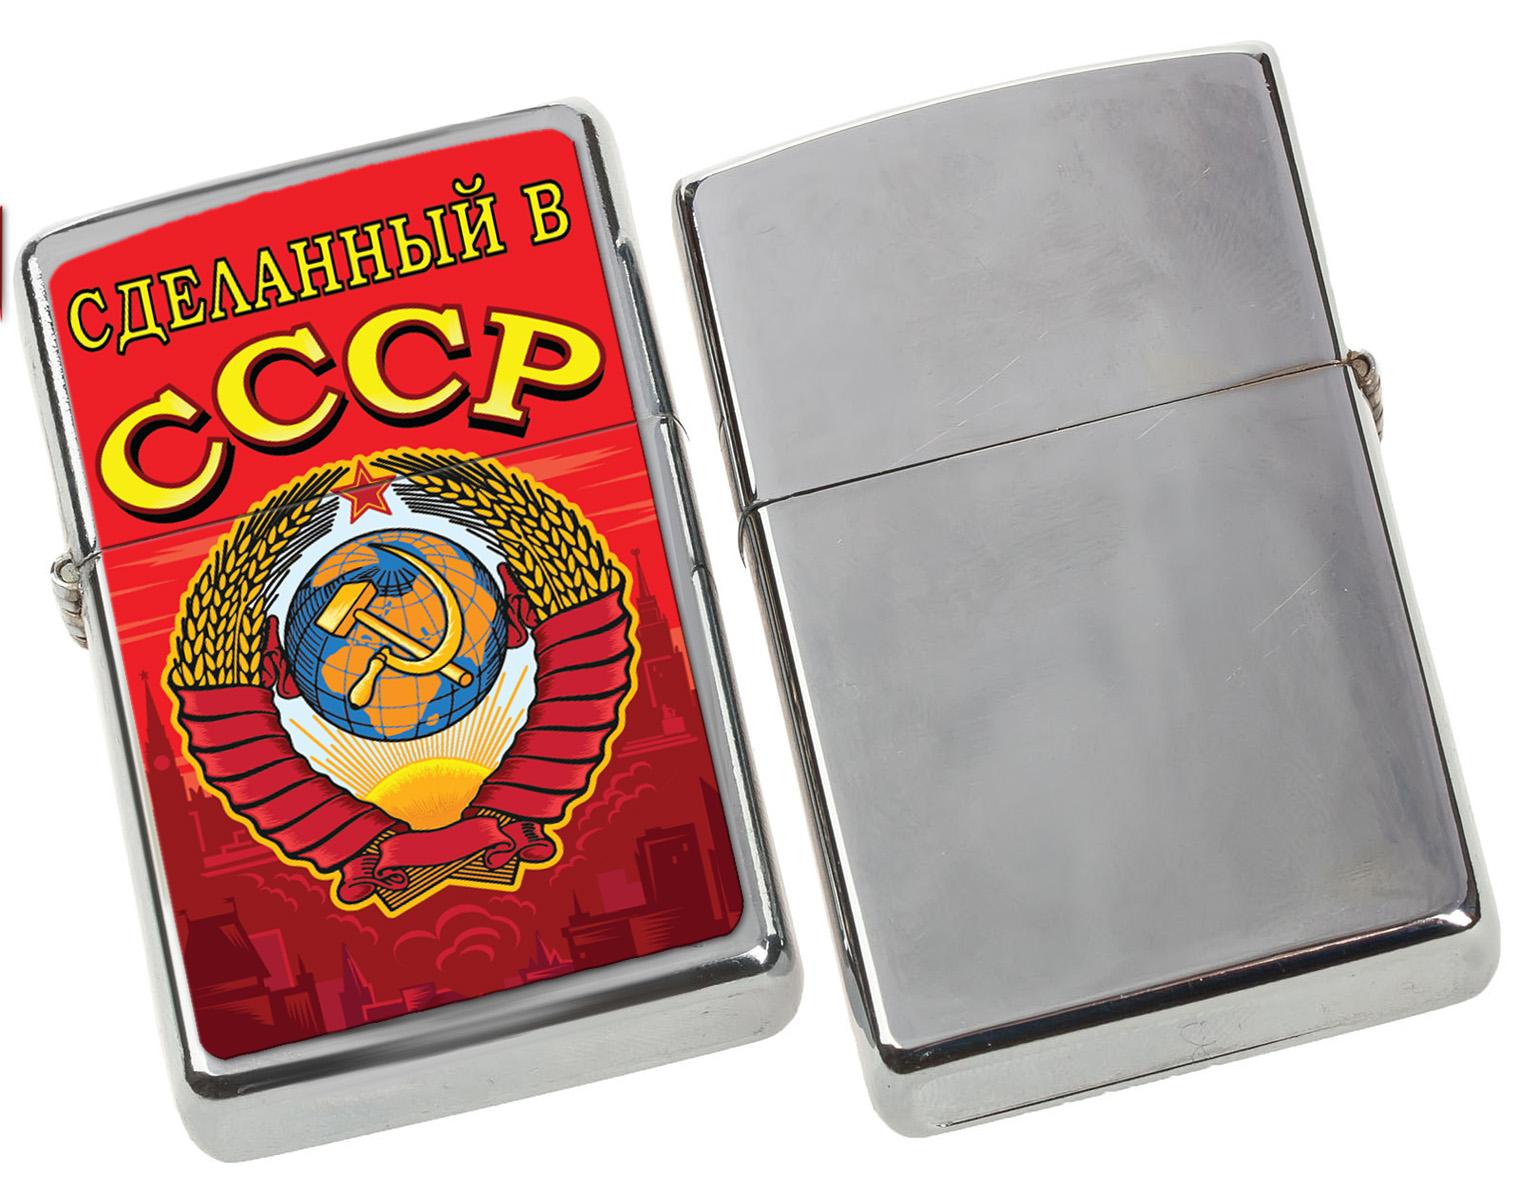 """Яркая бензиновая зажигалка """"Сделанный в СССР"""" с доставкой"""